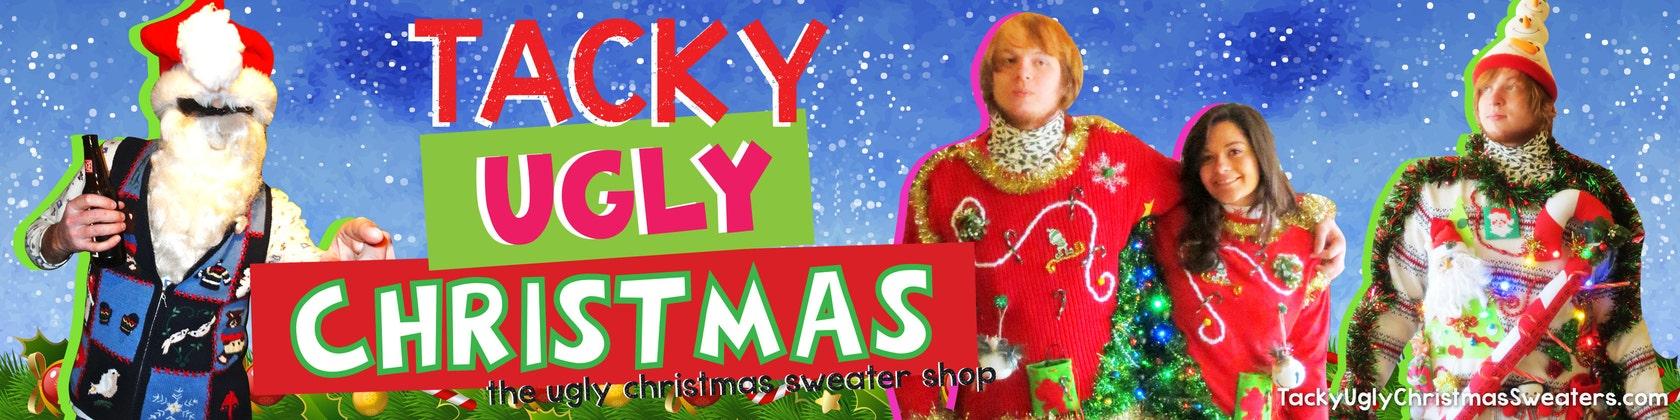 tackyuglychristmas the ugly christmas sweater shop - Tacky Christmas